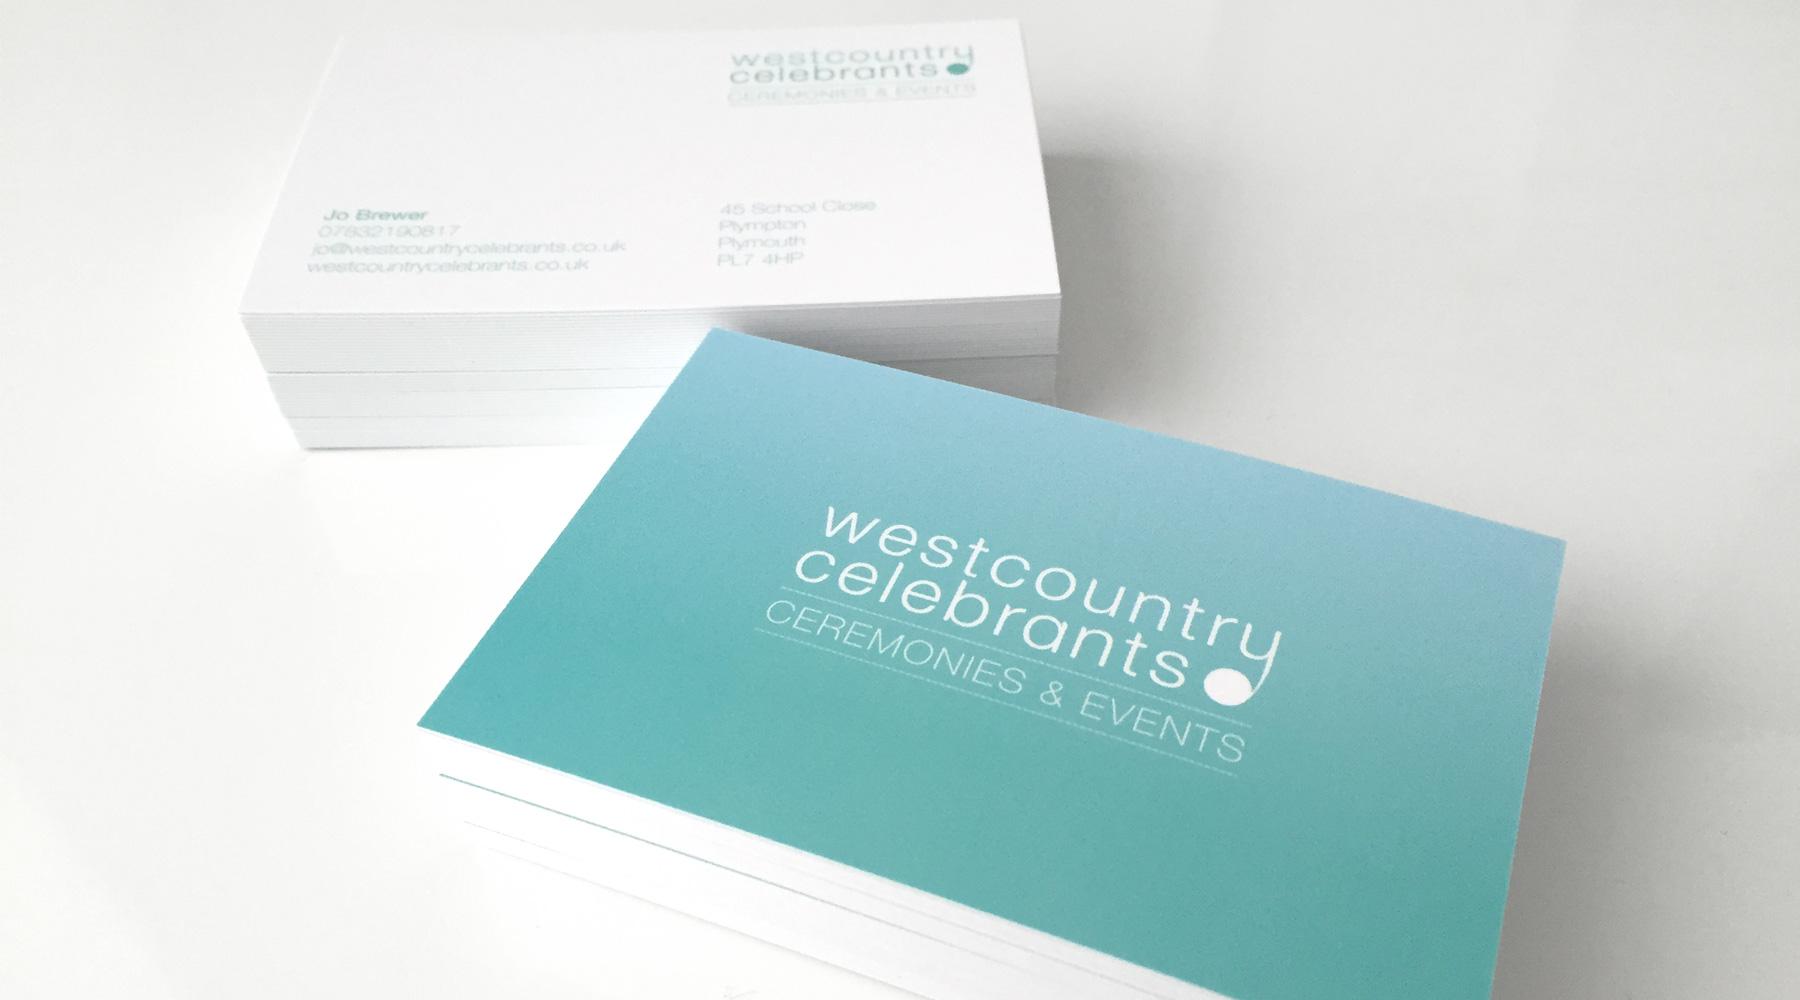 Westcoutry Celebrants